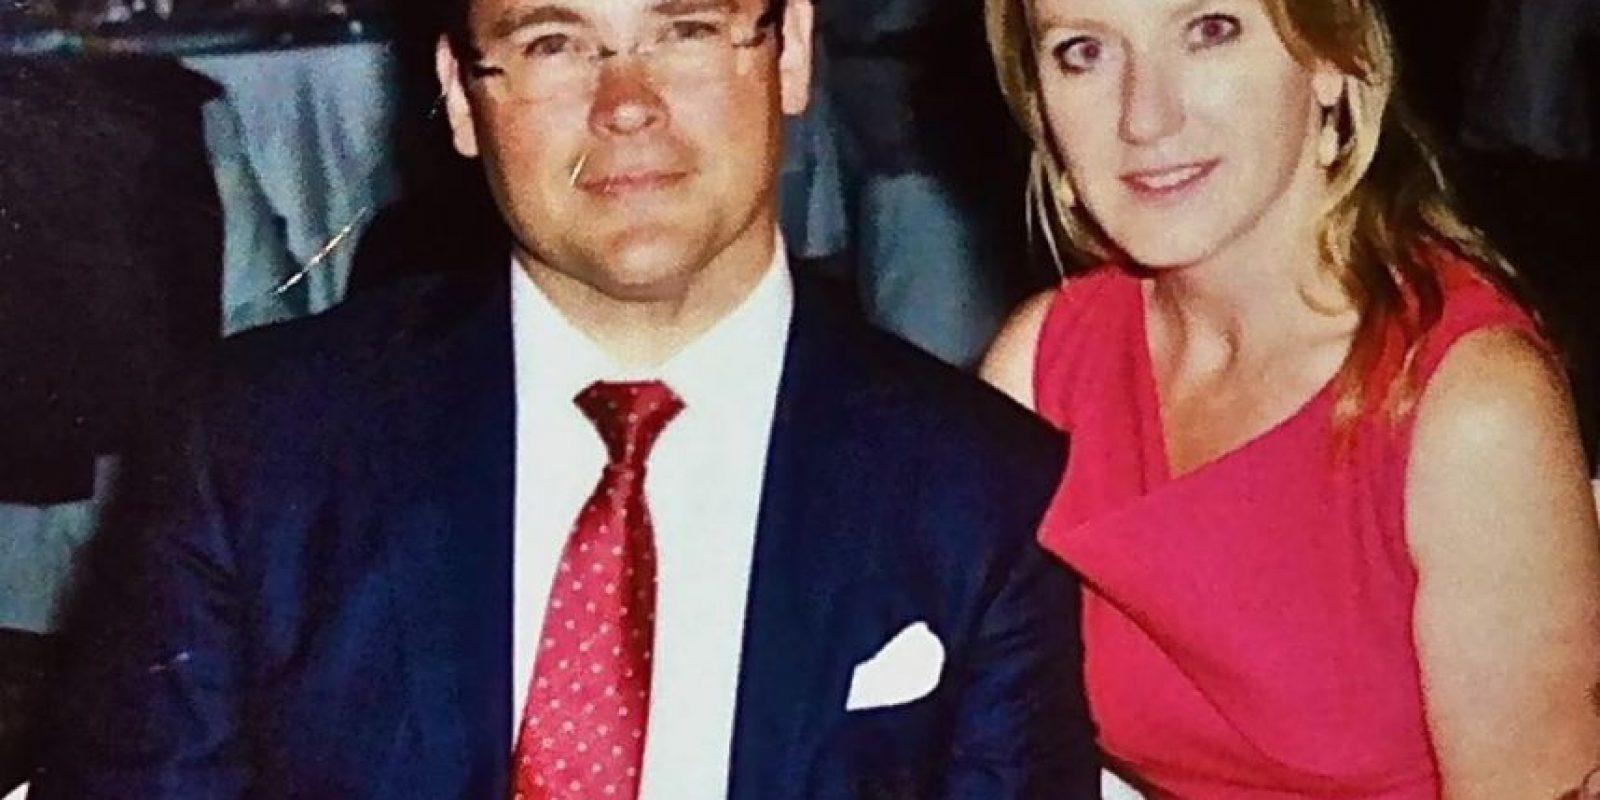 Savvas Savopoulos y su esposa Amy Savopoulos fueron dos de las cuatro víctimas fallecidas. Foto:Vía facebook.com/AmySavopoulos